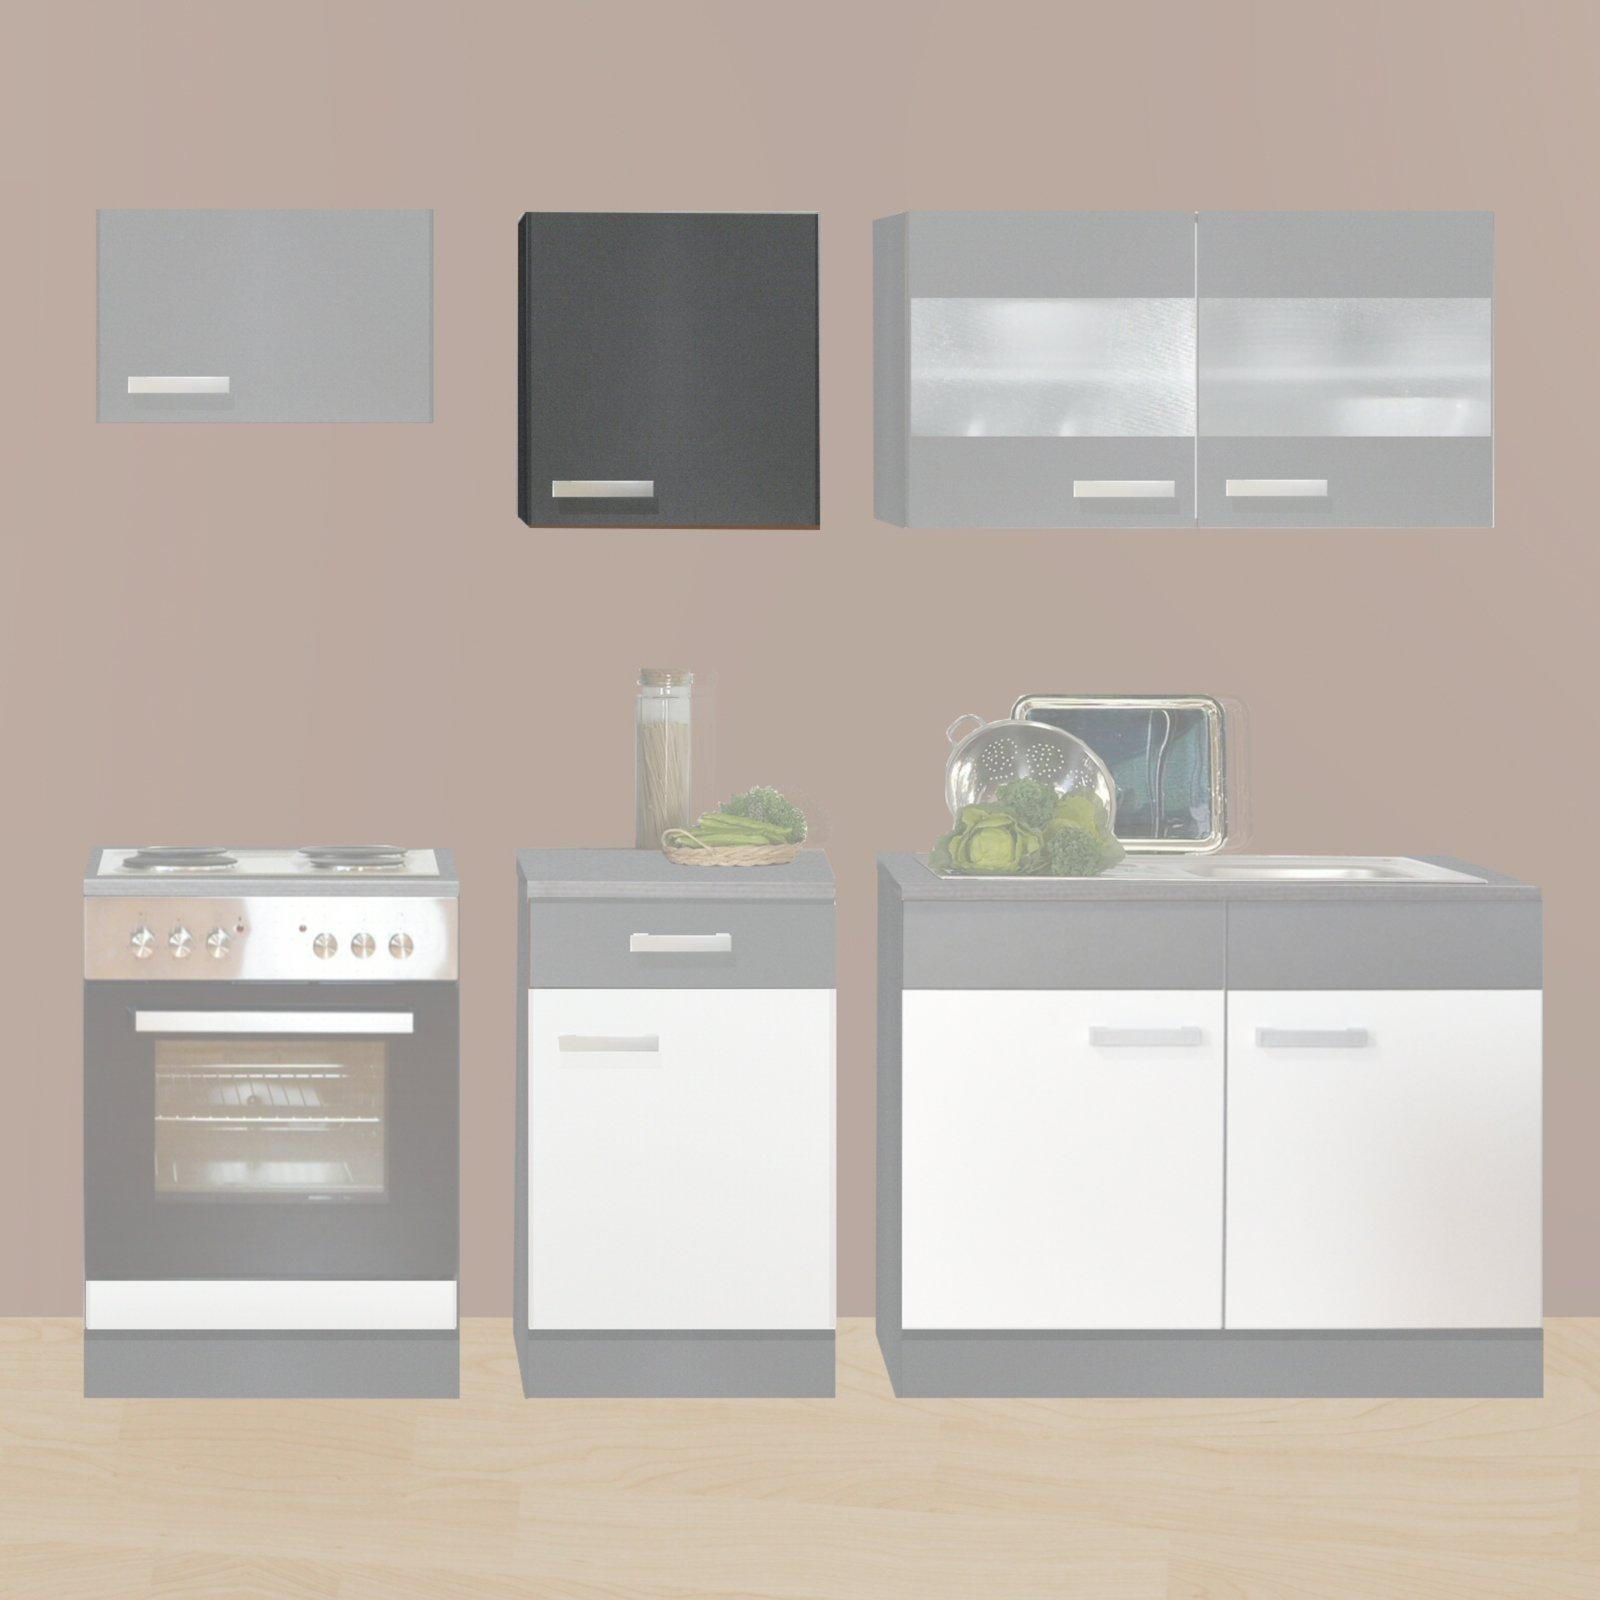 h ngeschrank greta graphit 50x64 cm k che greta schrankserien k chenschr nke m bel. Black Bedroom Furniture Sets. Home Design Ideas